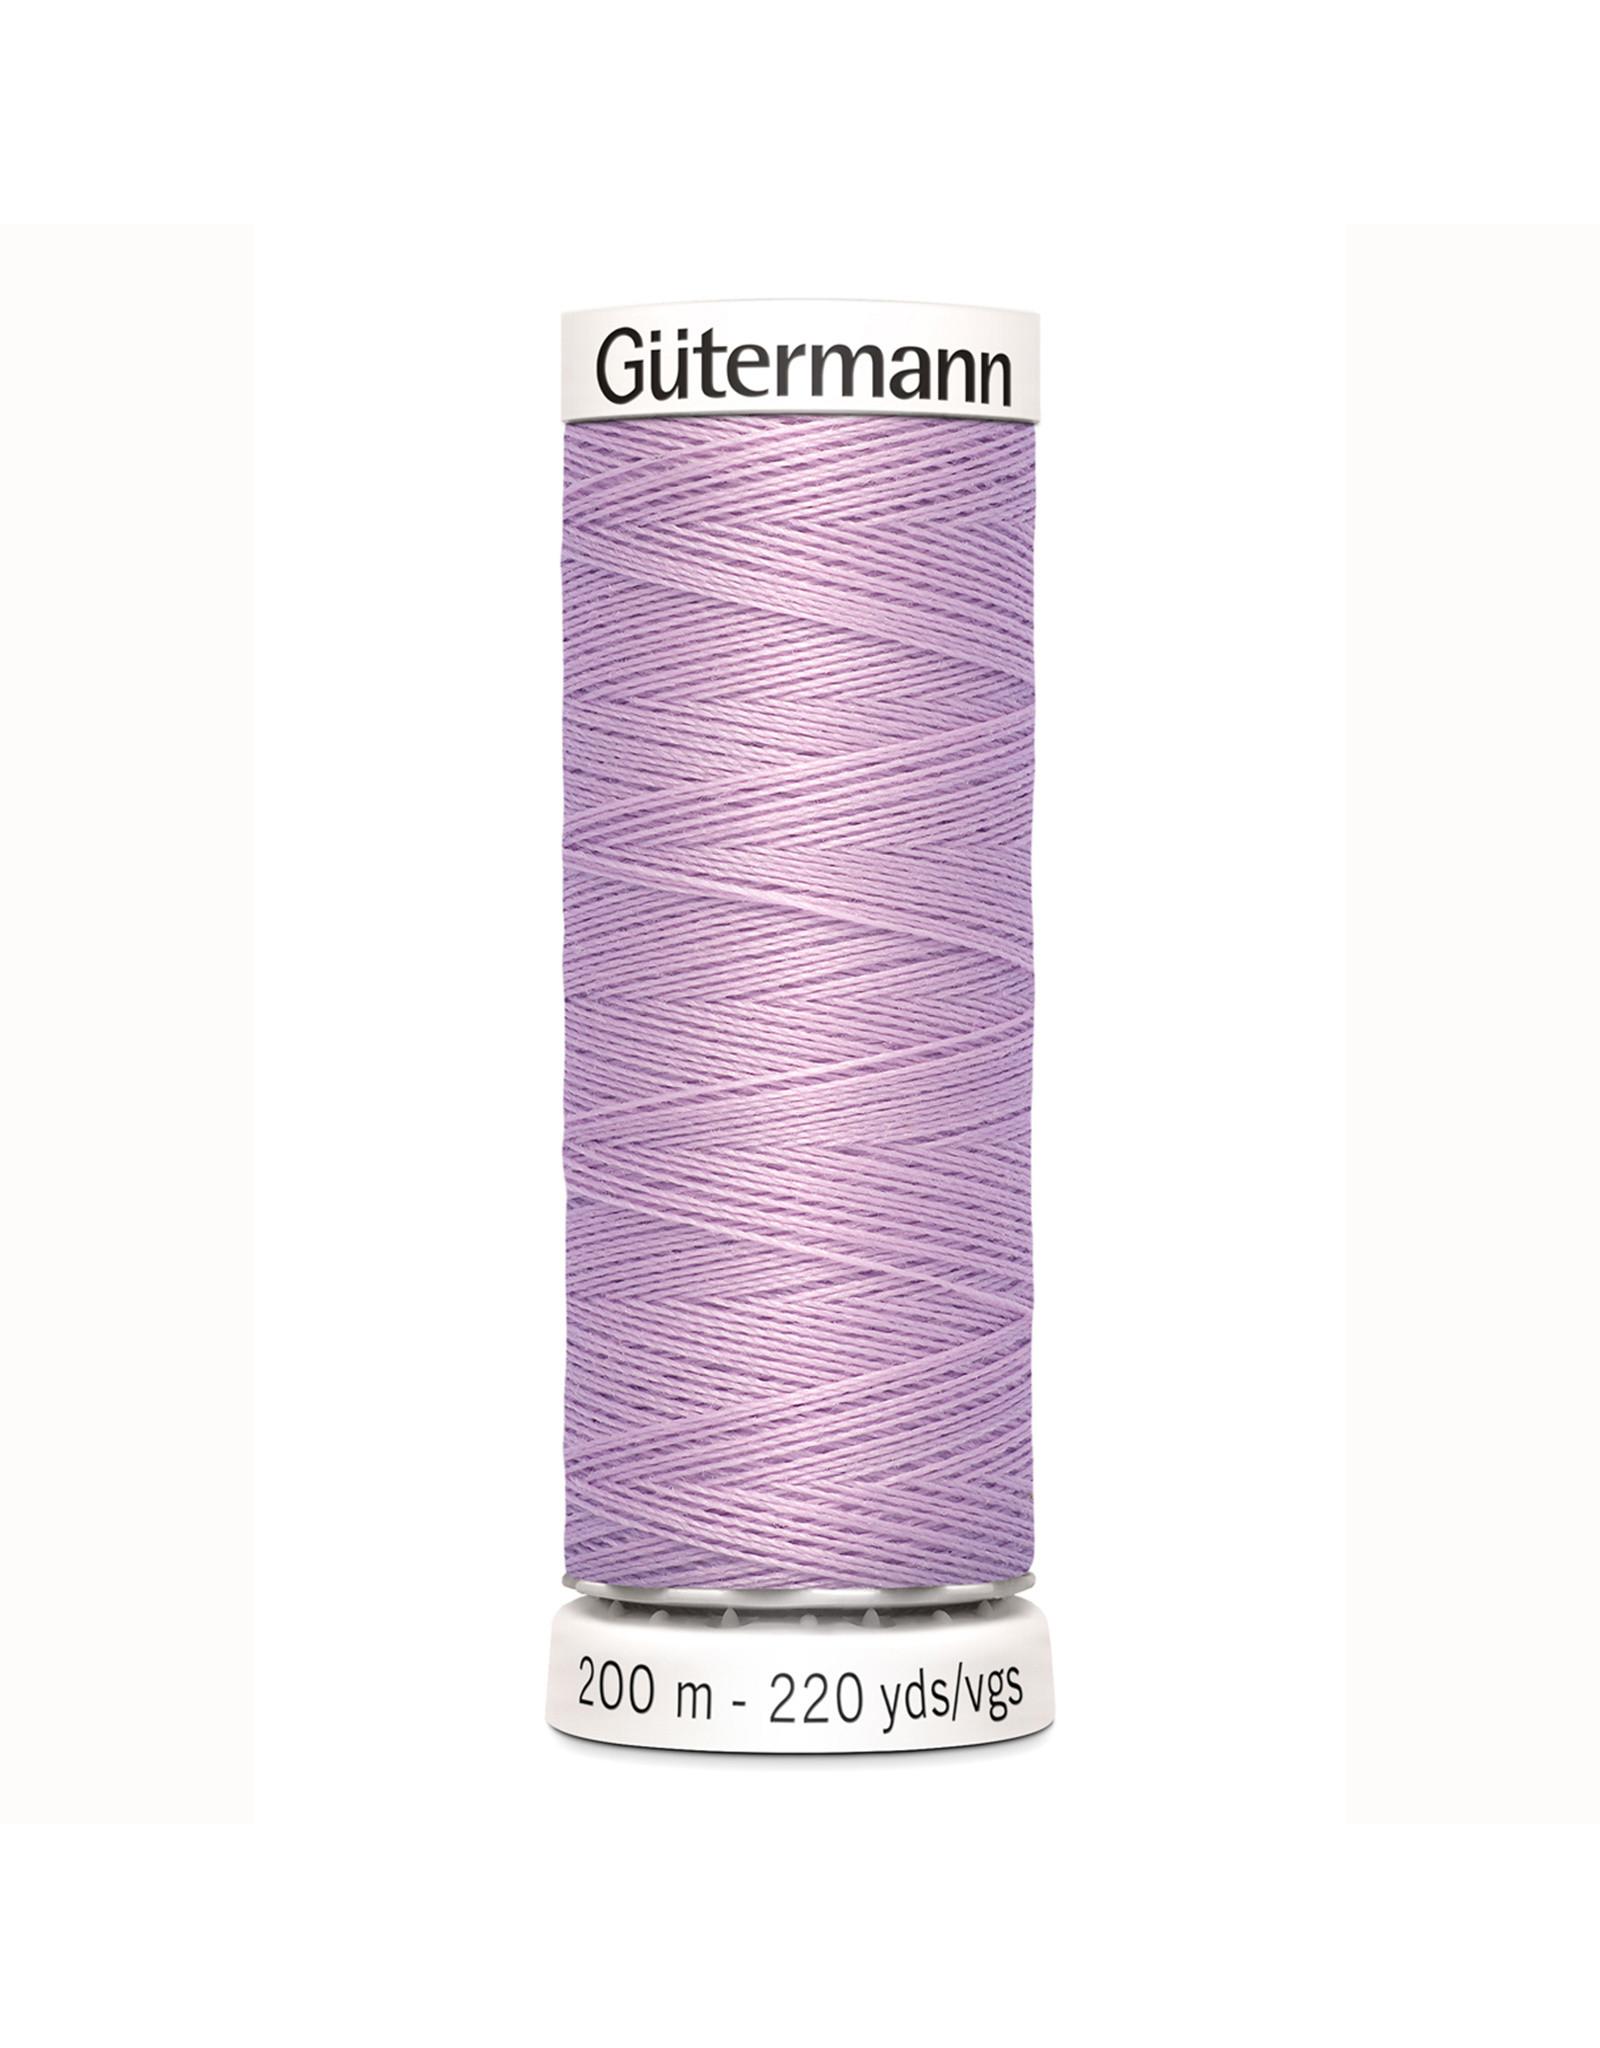 Gütermann Gütermann Nähgarn 200 m - nr 441